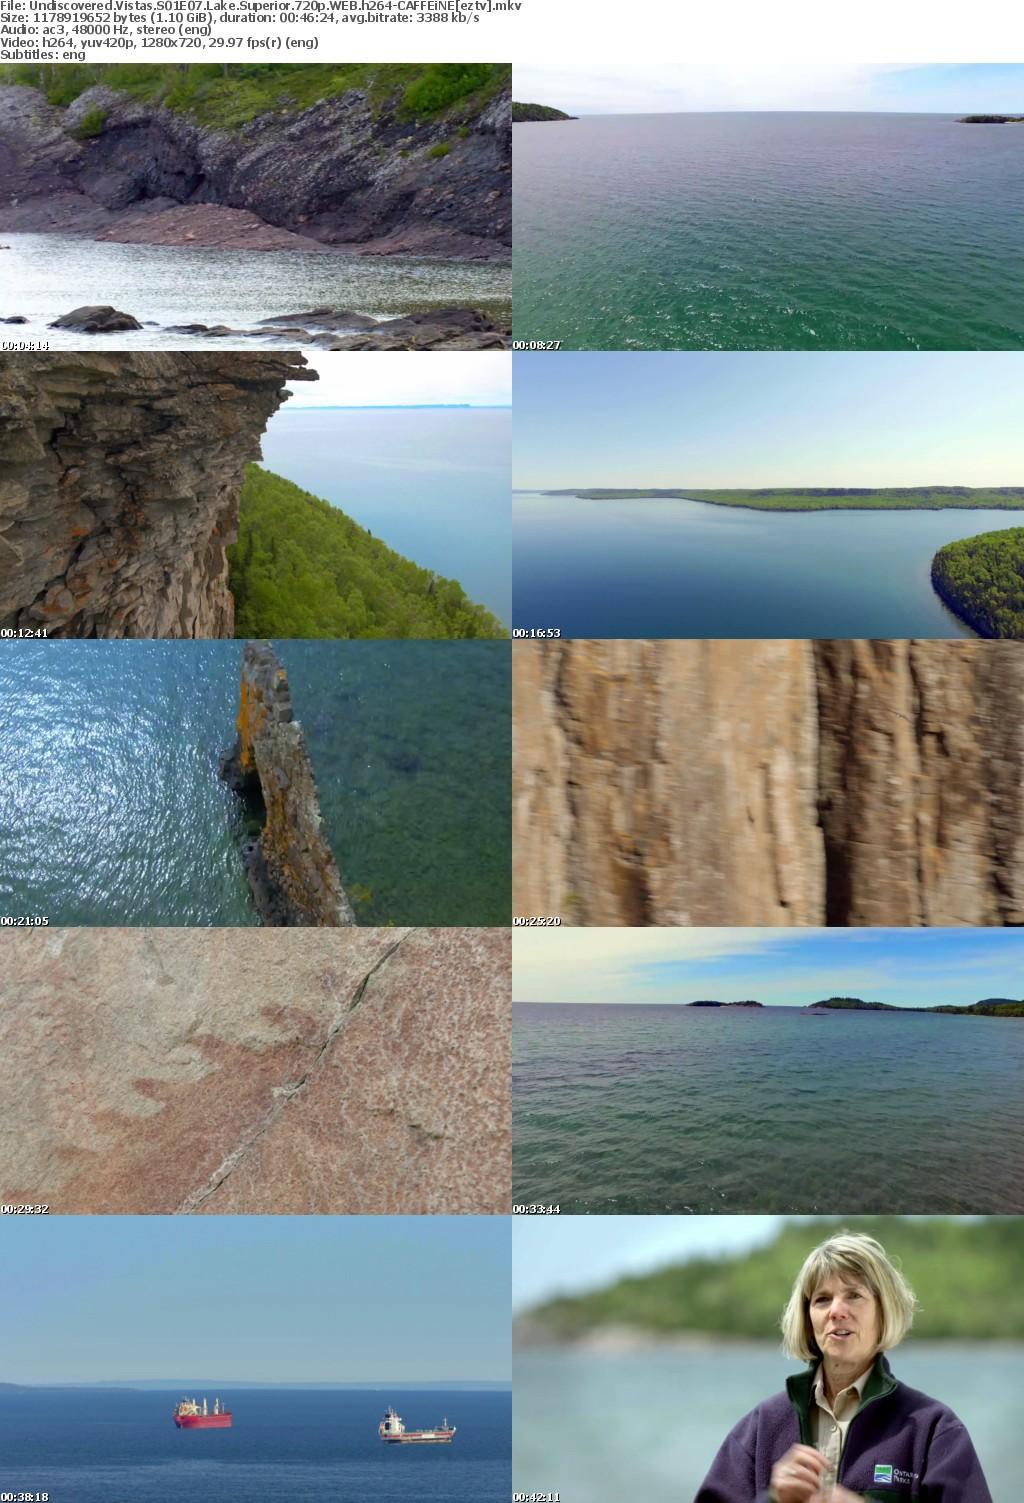 Undiscovered Vistas S01E07 Lake Superior 720p WEB h264-CAFFEiNE